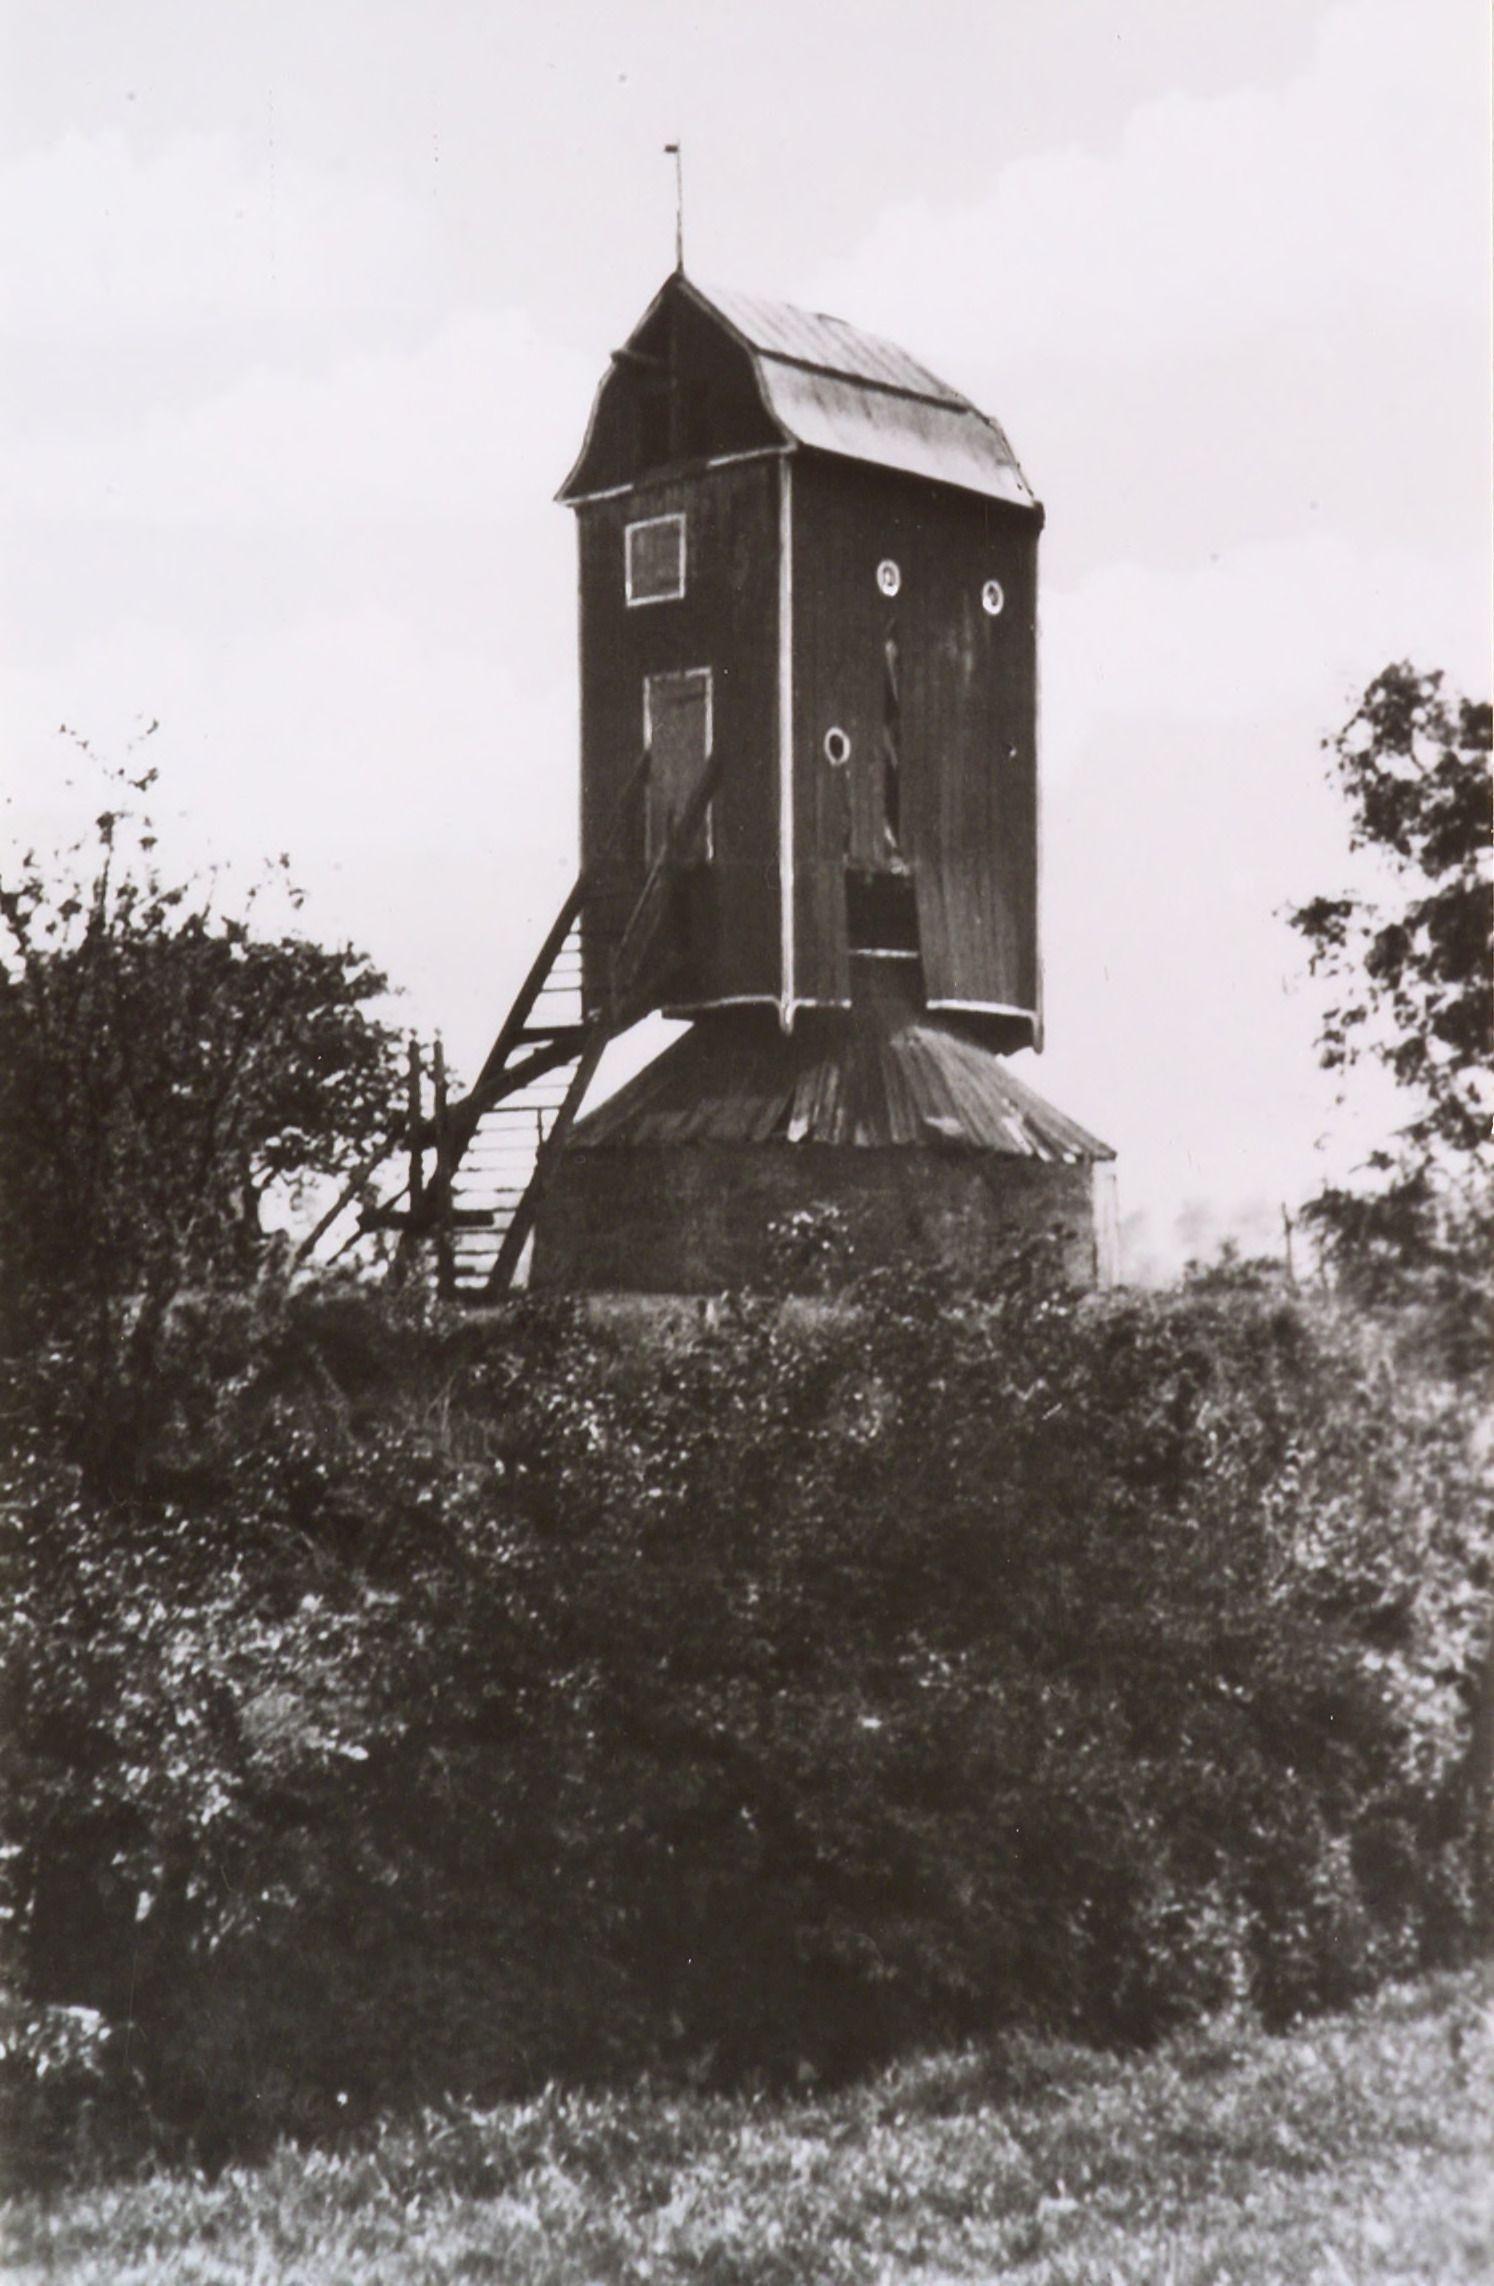 De Nieuwlandse Molen (1797) in Biervliet, gesloopt in 1926. Foto circa 1925 (Zeeuws Archief, KZGW, Zelandia Illustrata).